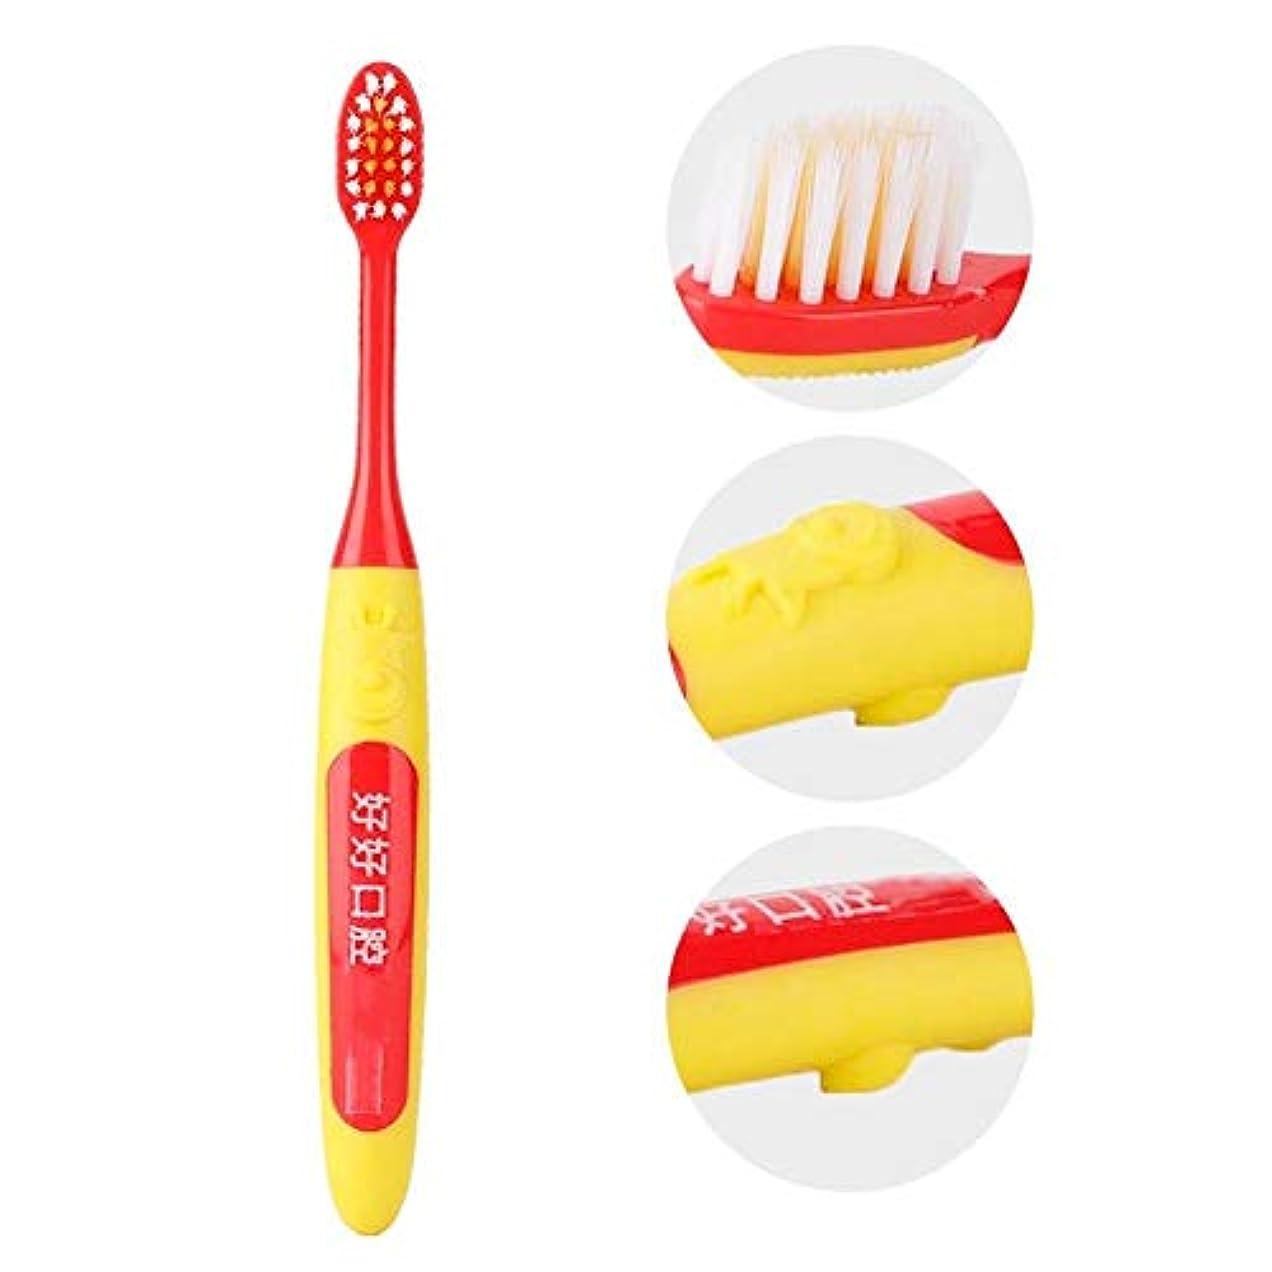 いつでもブルゴーニュ蒸し器歯ブラシ子供の柔らかい髪の歯ブラシかわいい子供のクリーニング歯ブラシオーラルケアツール(黄色いハンドル)